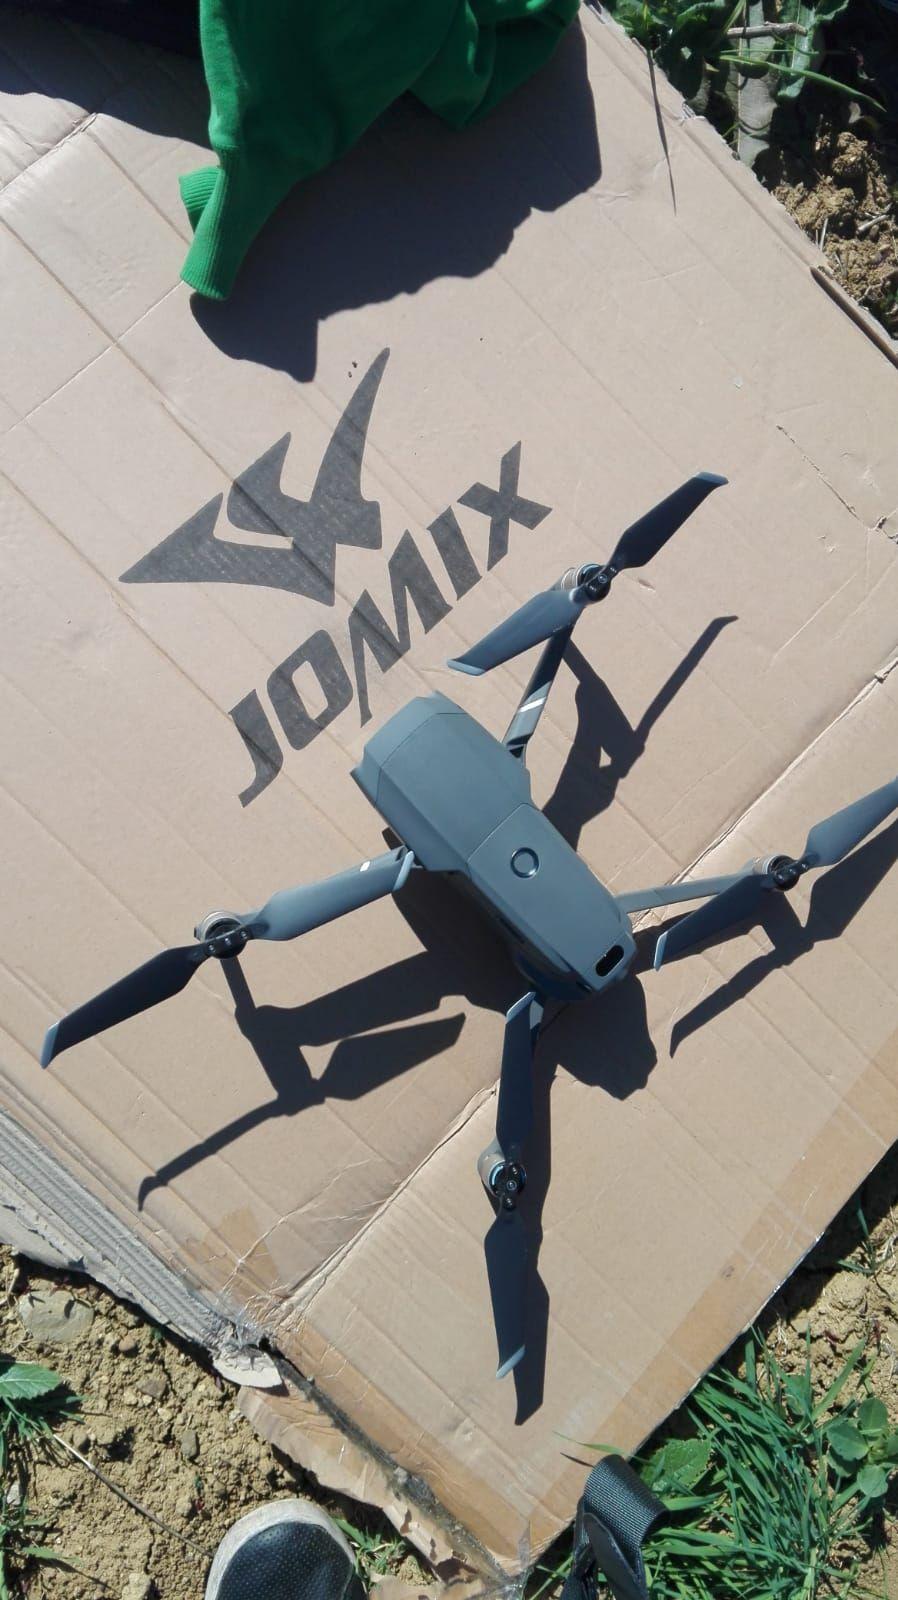 Mavic 2 Pro + Fly More Kit